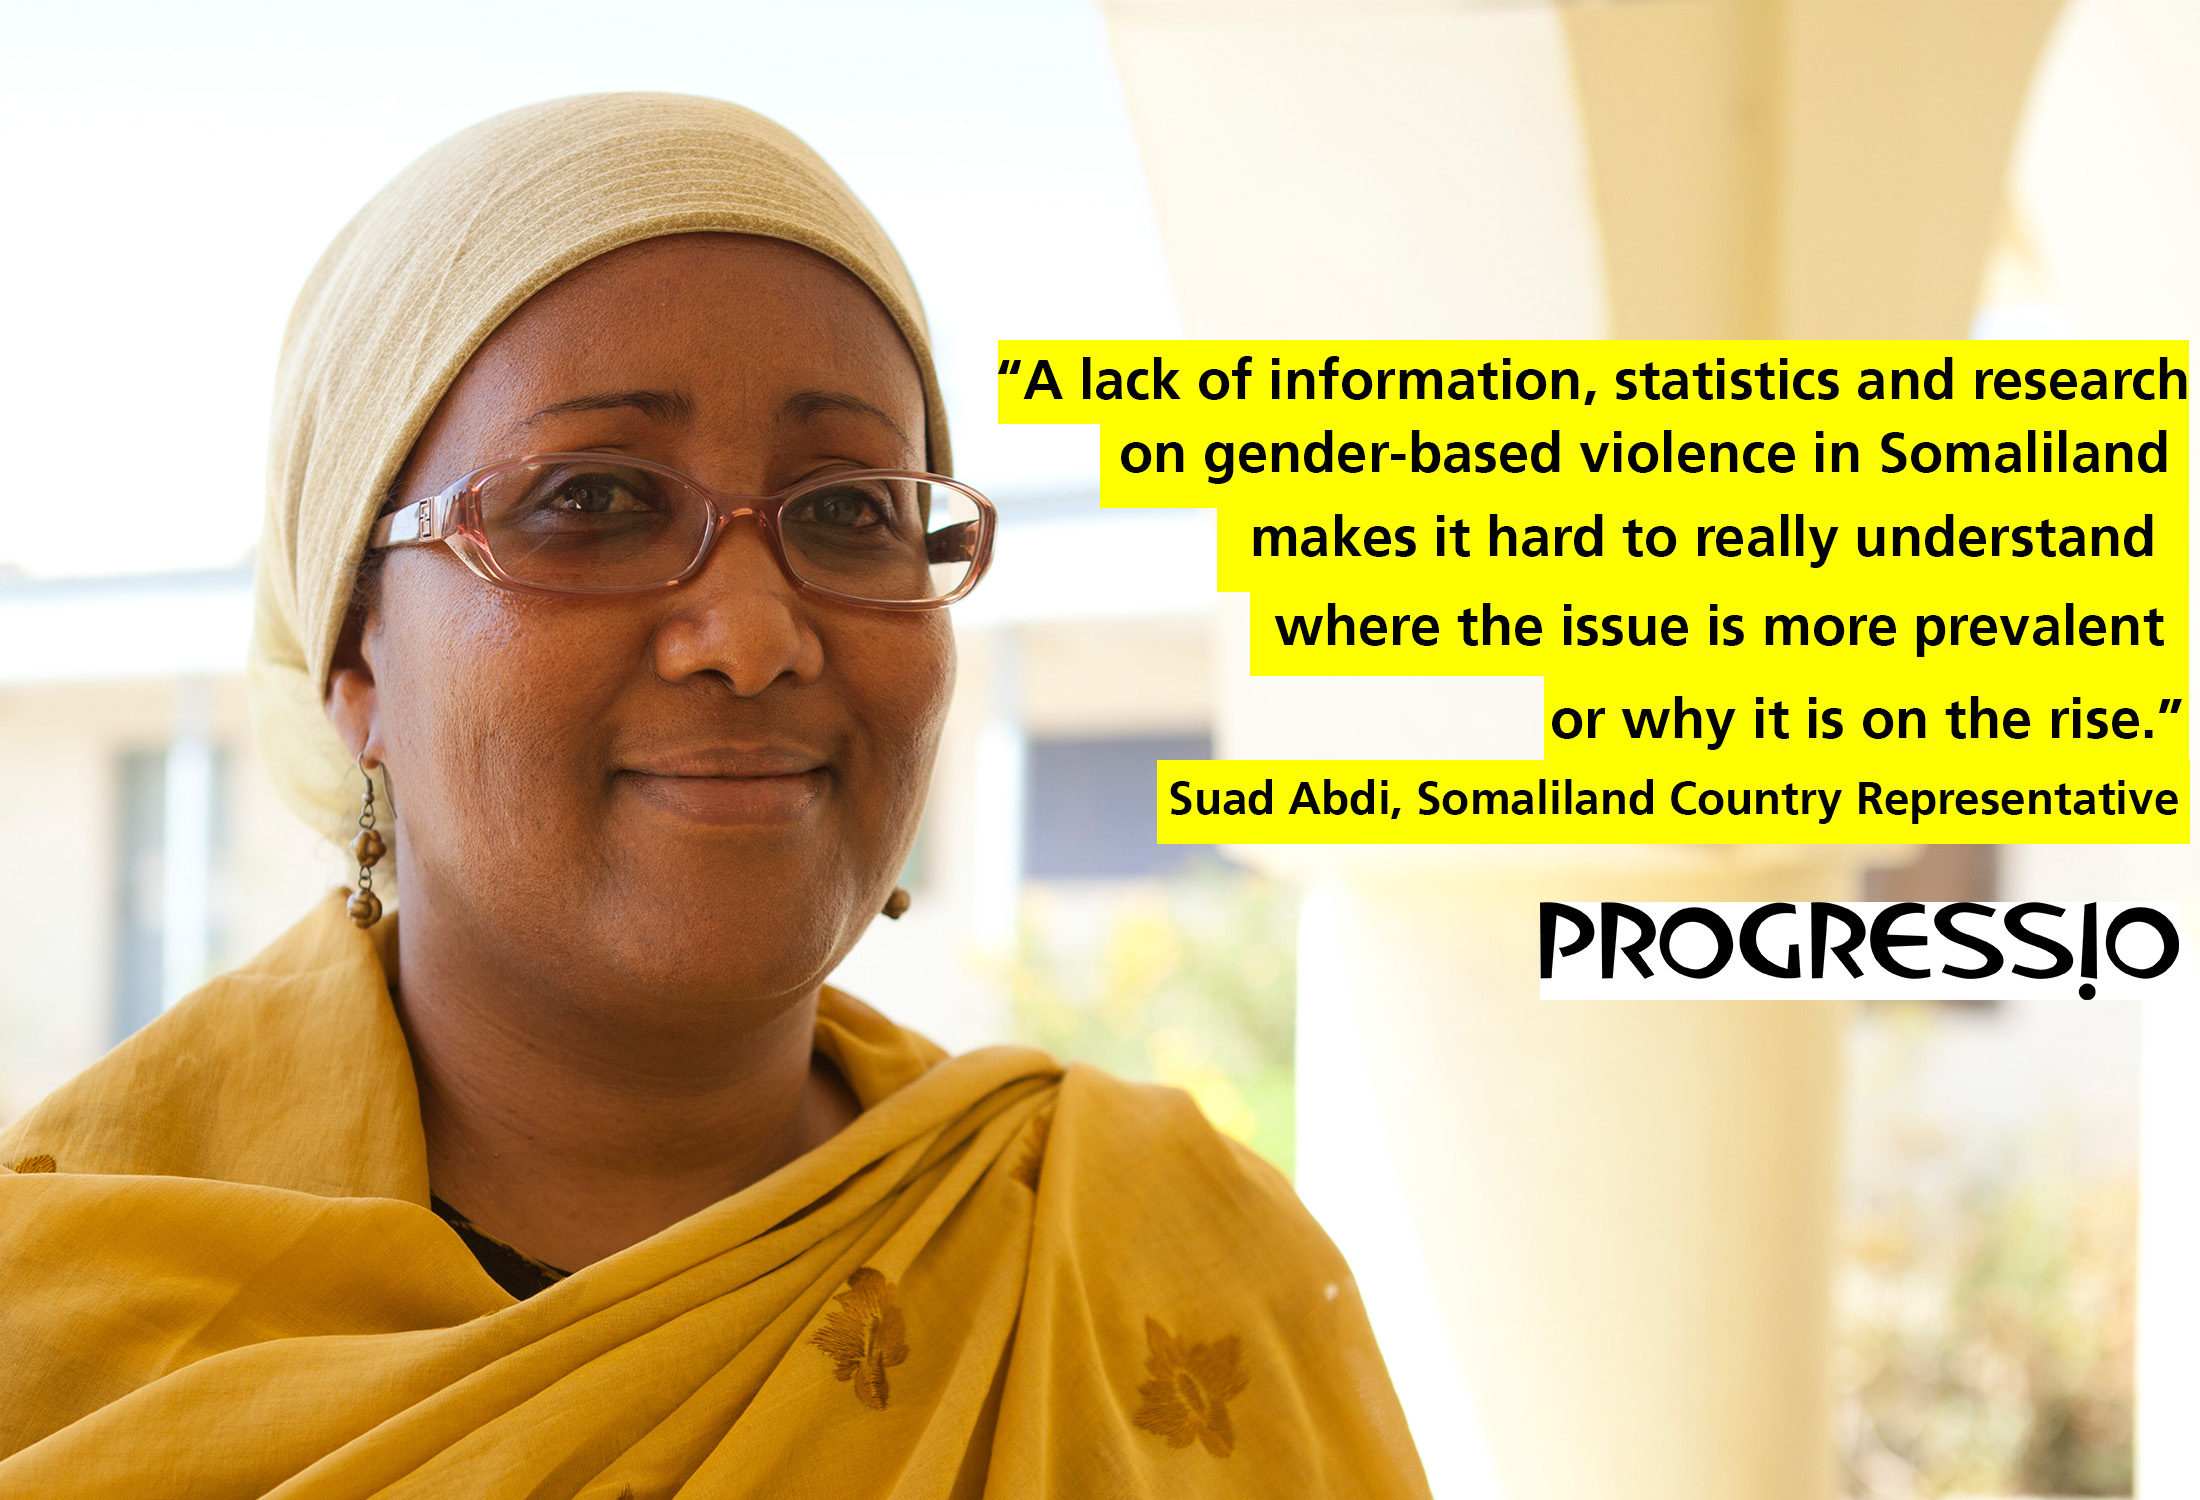 Suad Abdi, Progressio Country Representative for Somaliland